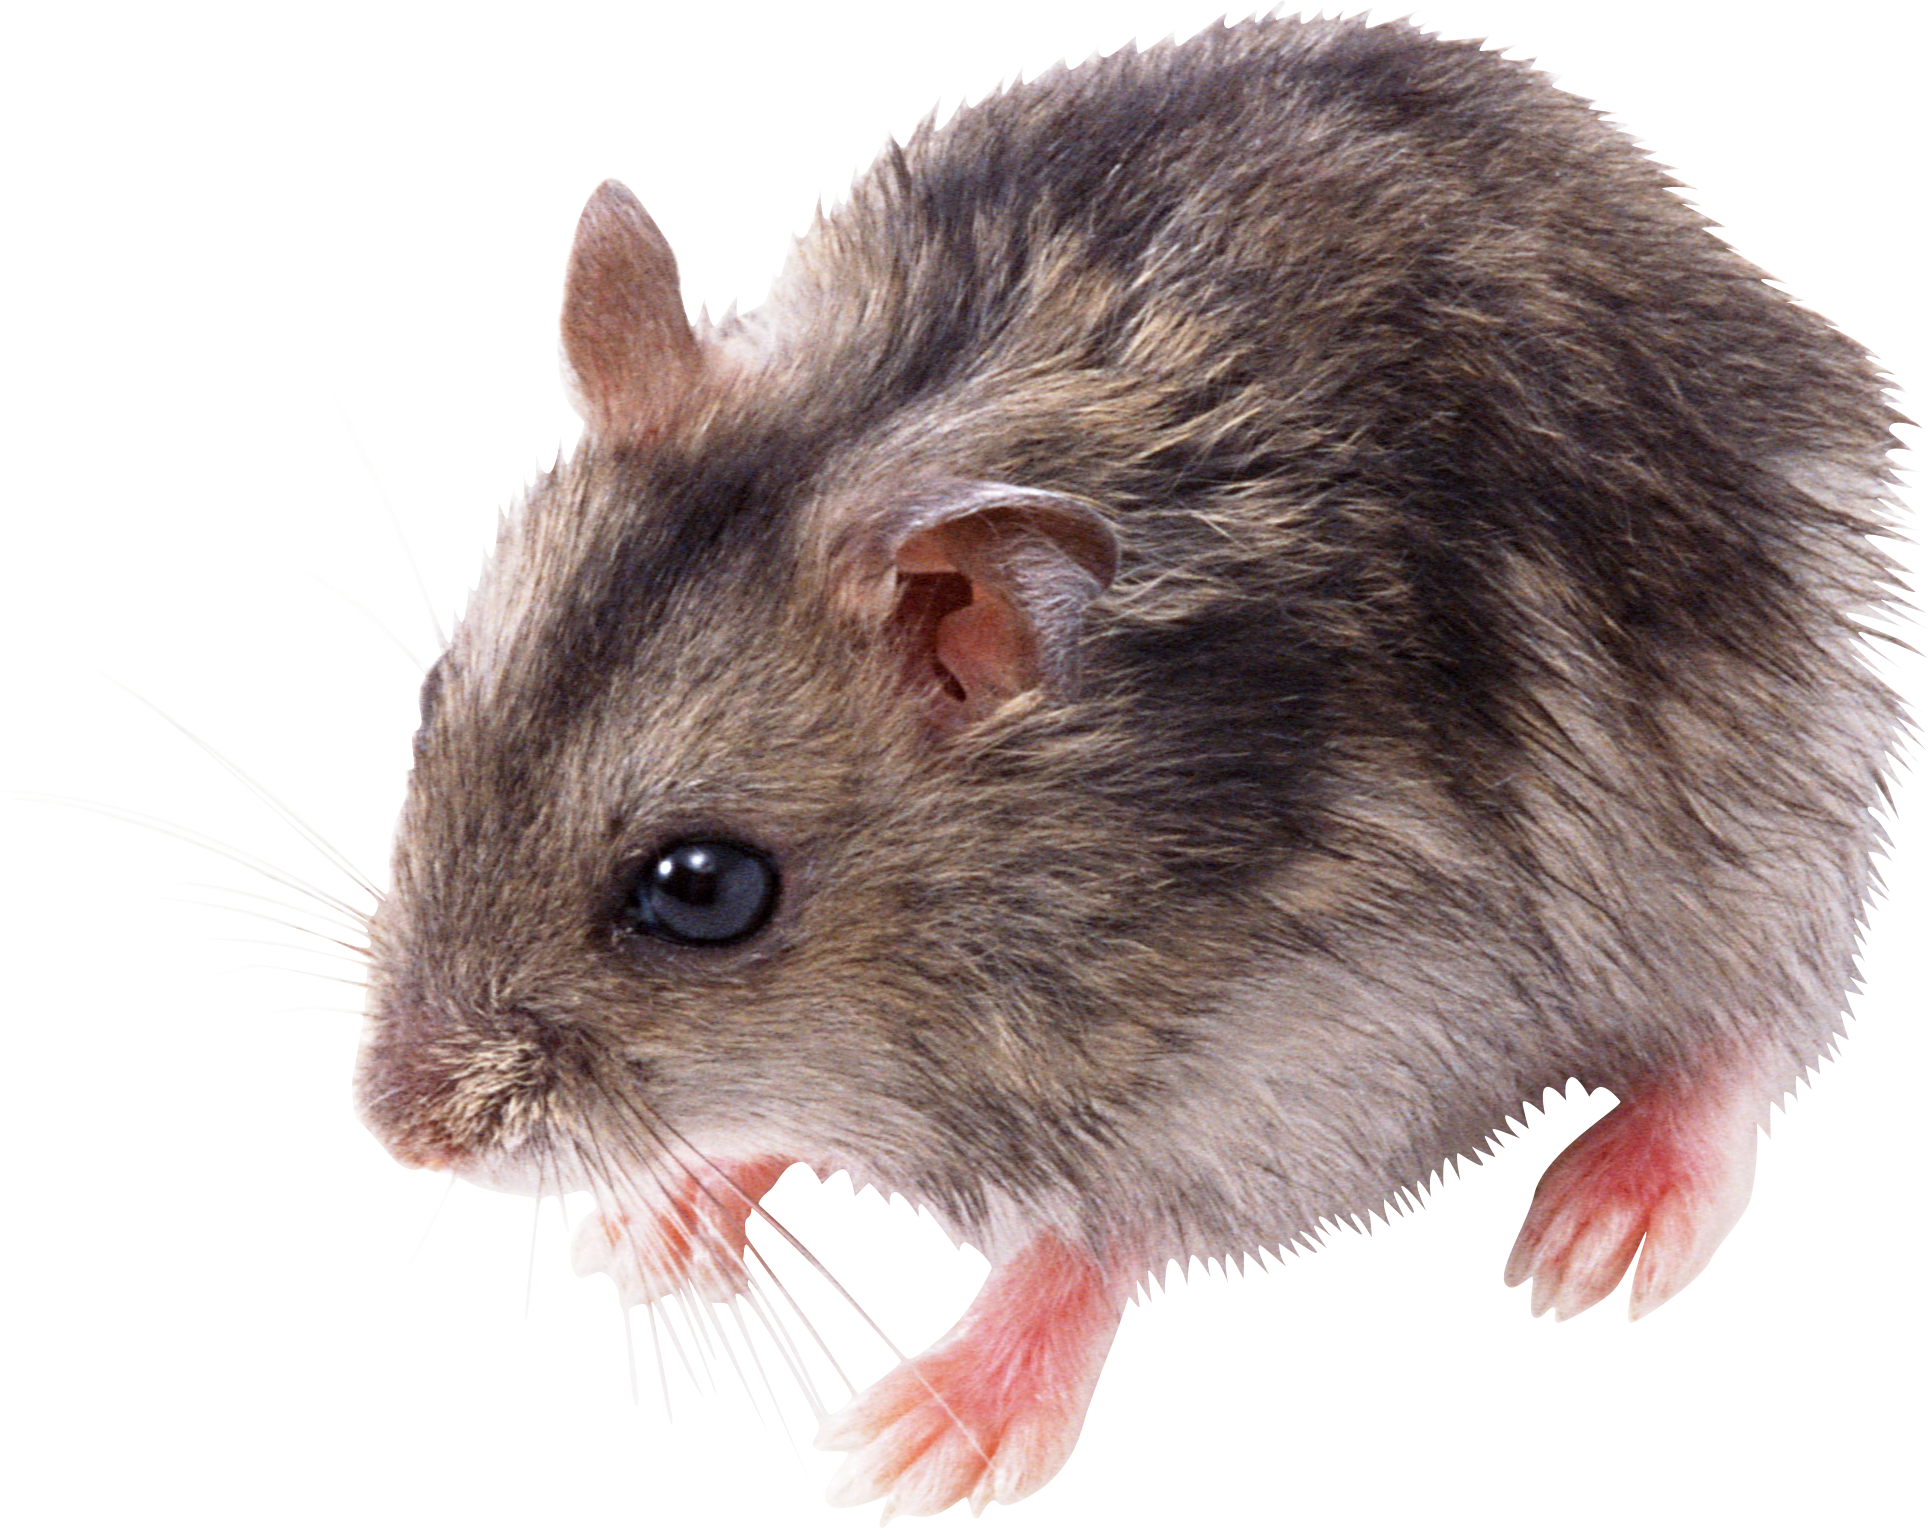 Rat Mouse PNG - 14809